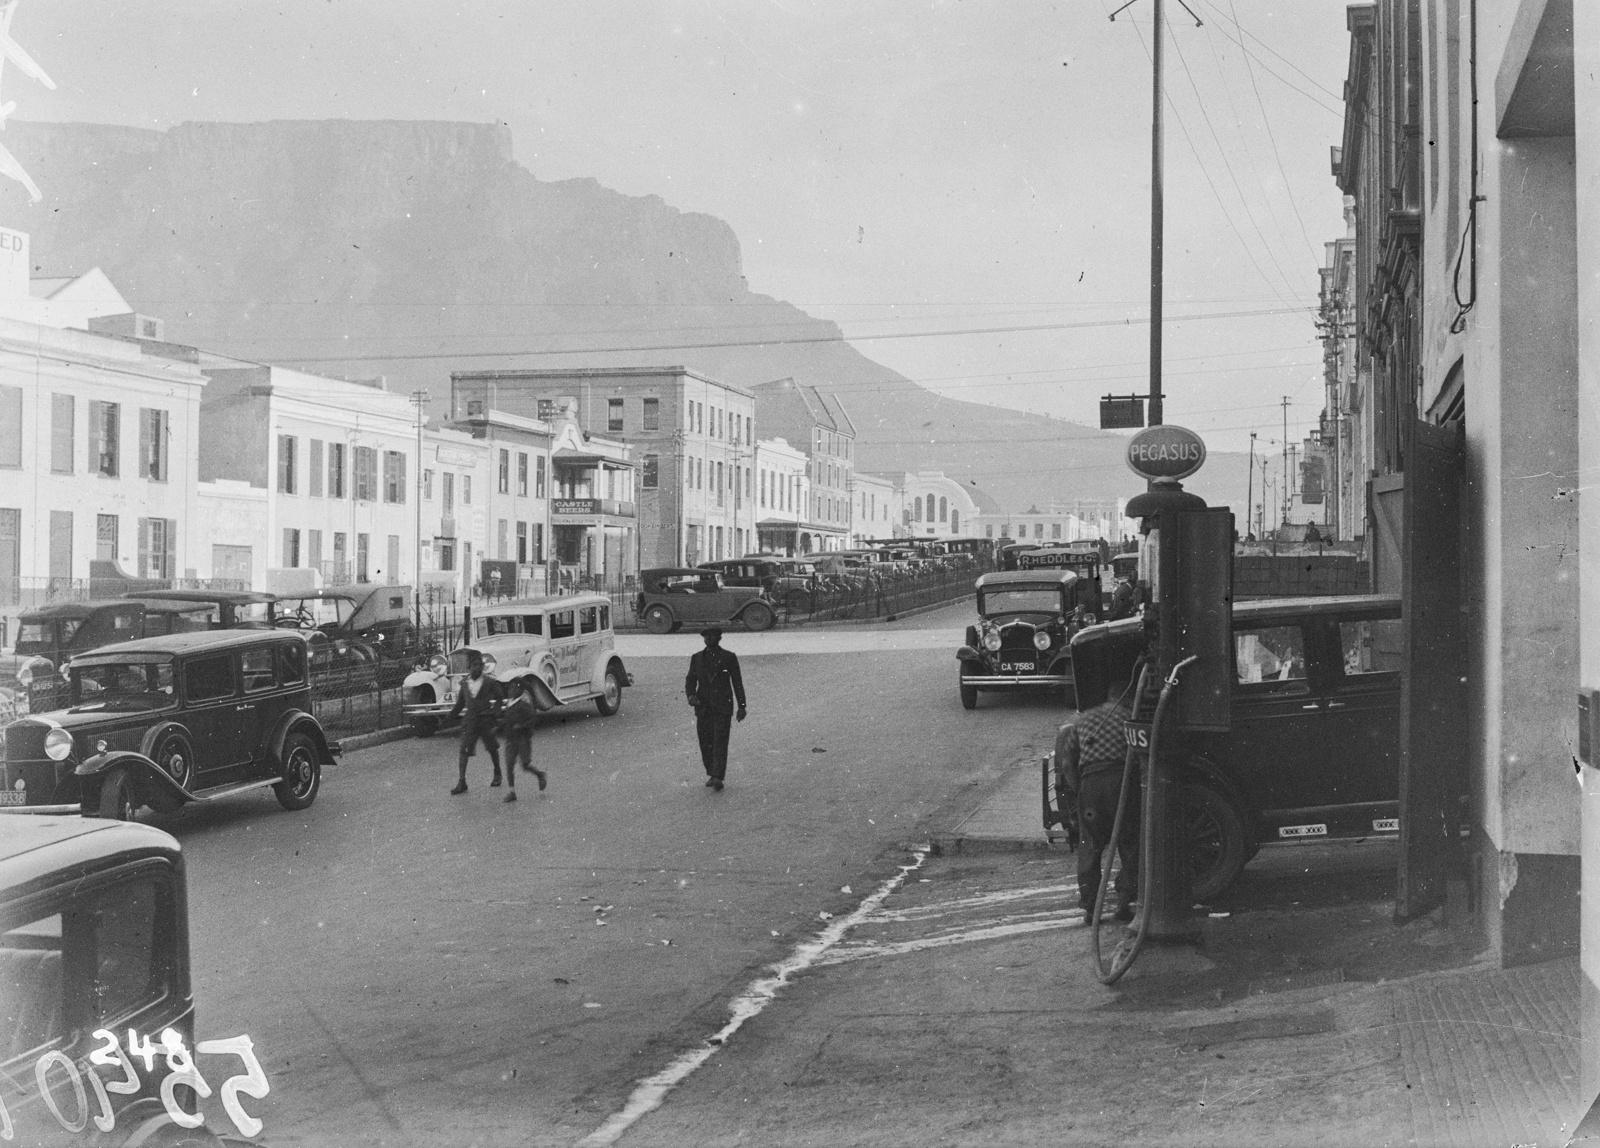 Южно-Африканский Союз. Порт-Элизабет. Улица в Порт-Элизабет